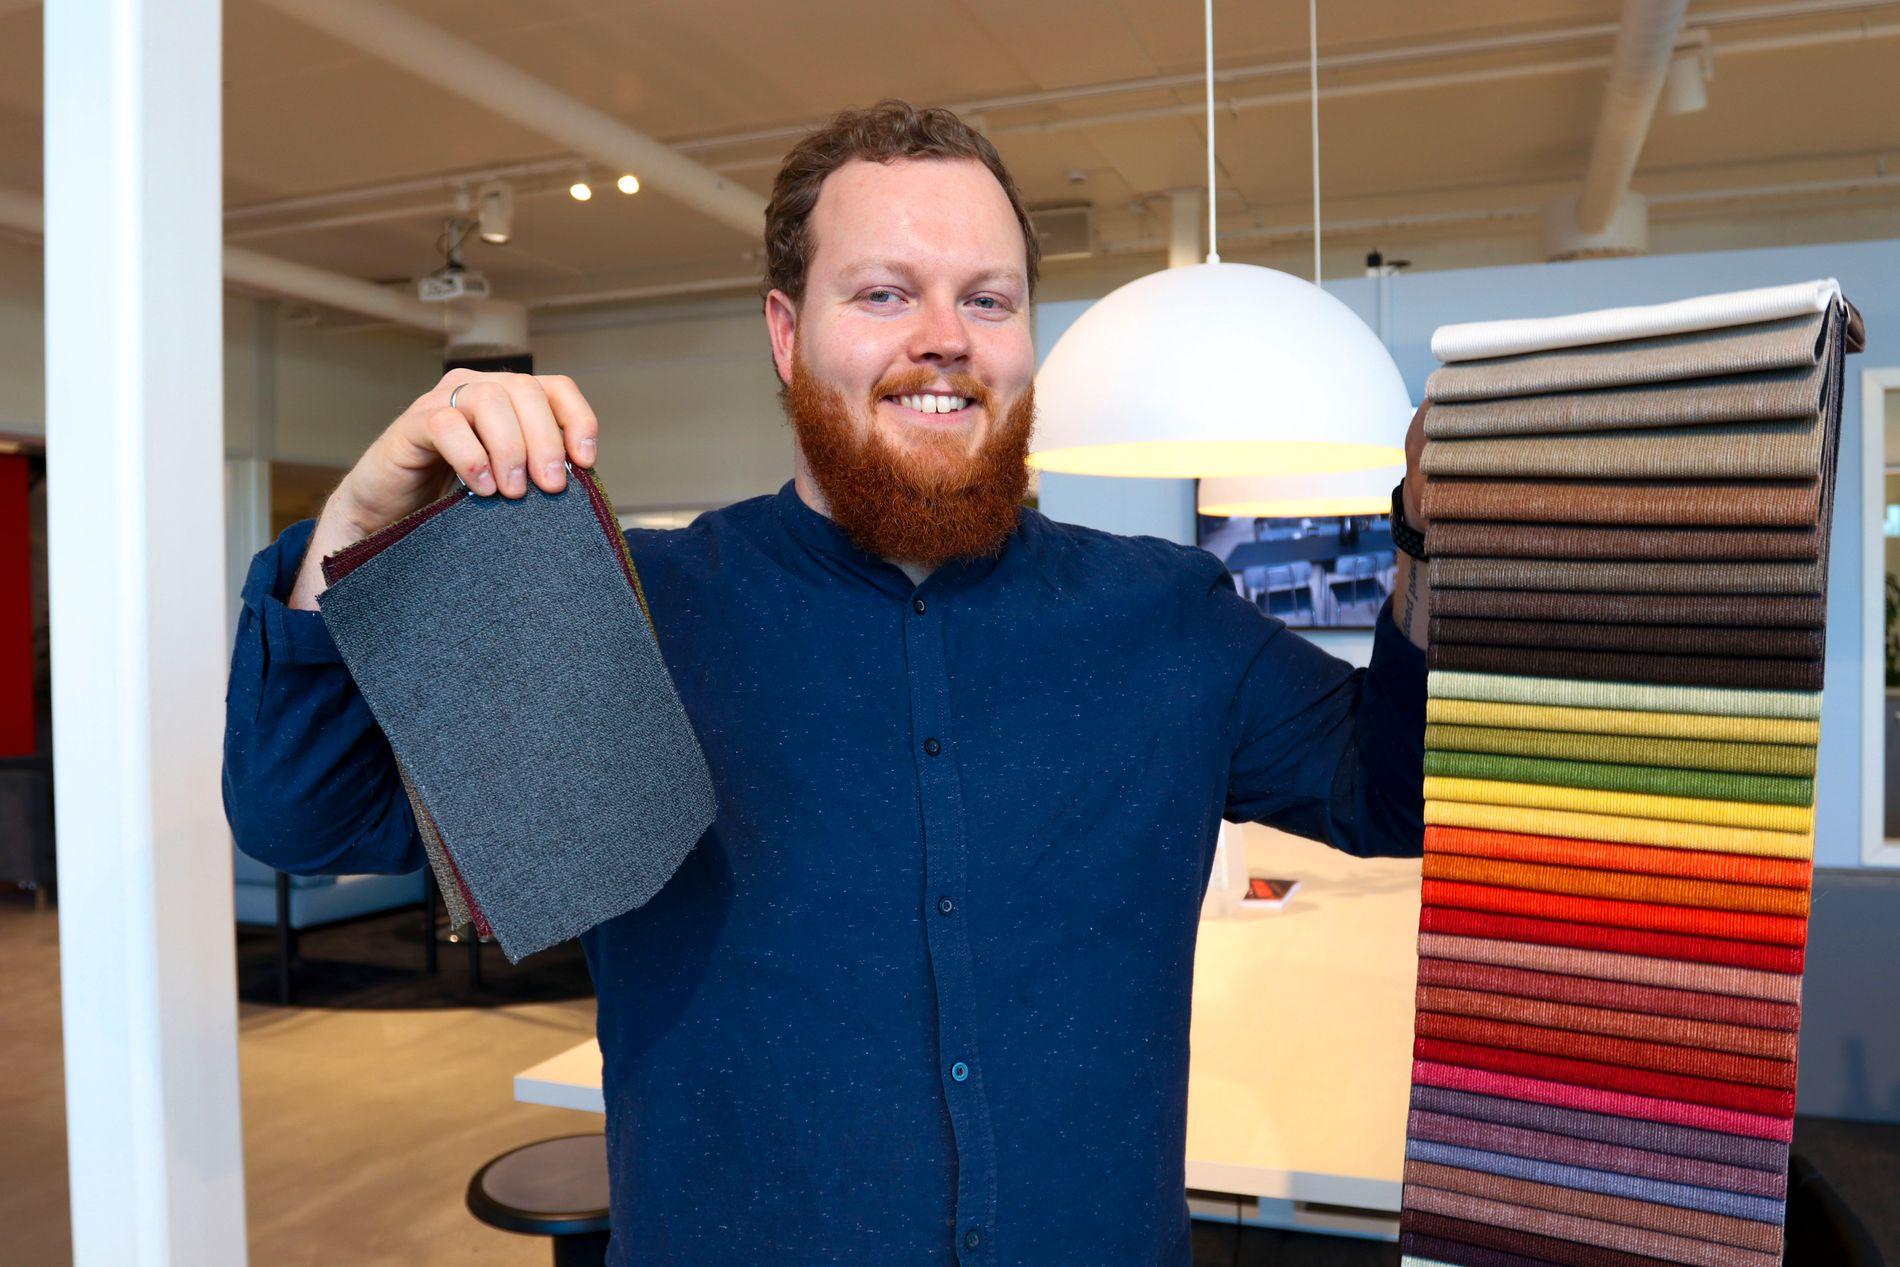 Tomas Eidsvold er utdannet produktdesigner og møbeldesigner, og jobber som prosjektselger og showroomansvarlig hos AJ Produkter på Kløfta. Han tror vi vil få se flere kontorer i 2019 med preg av særlig tre populære trender.